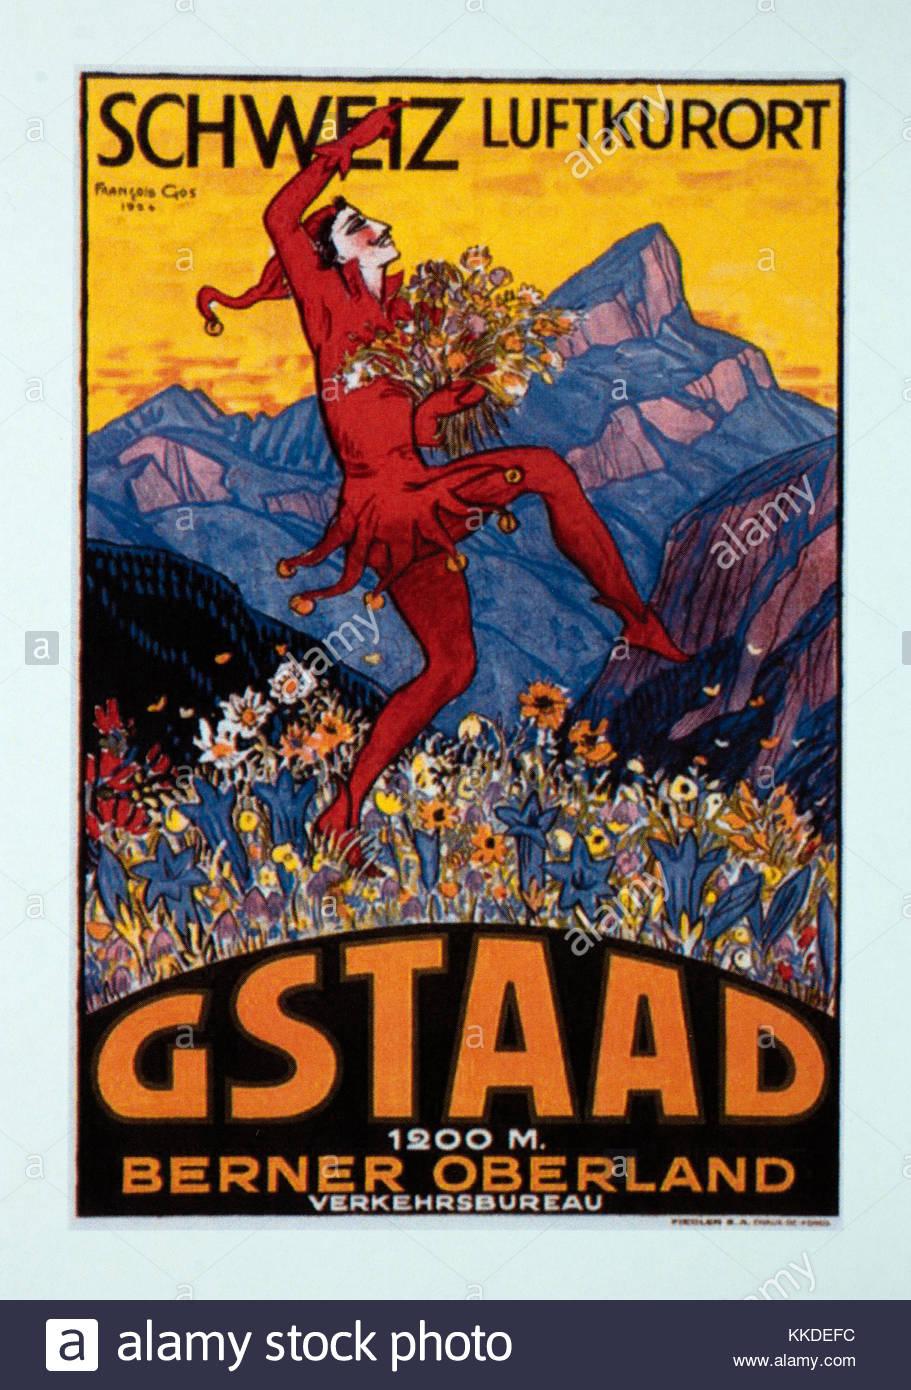 Vintage Travel Poster Werbung Gstaad Schweiz Stockfoto